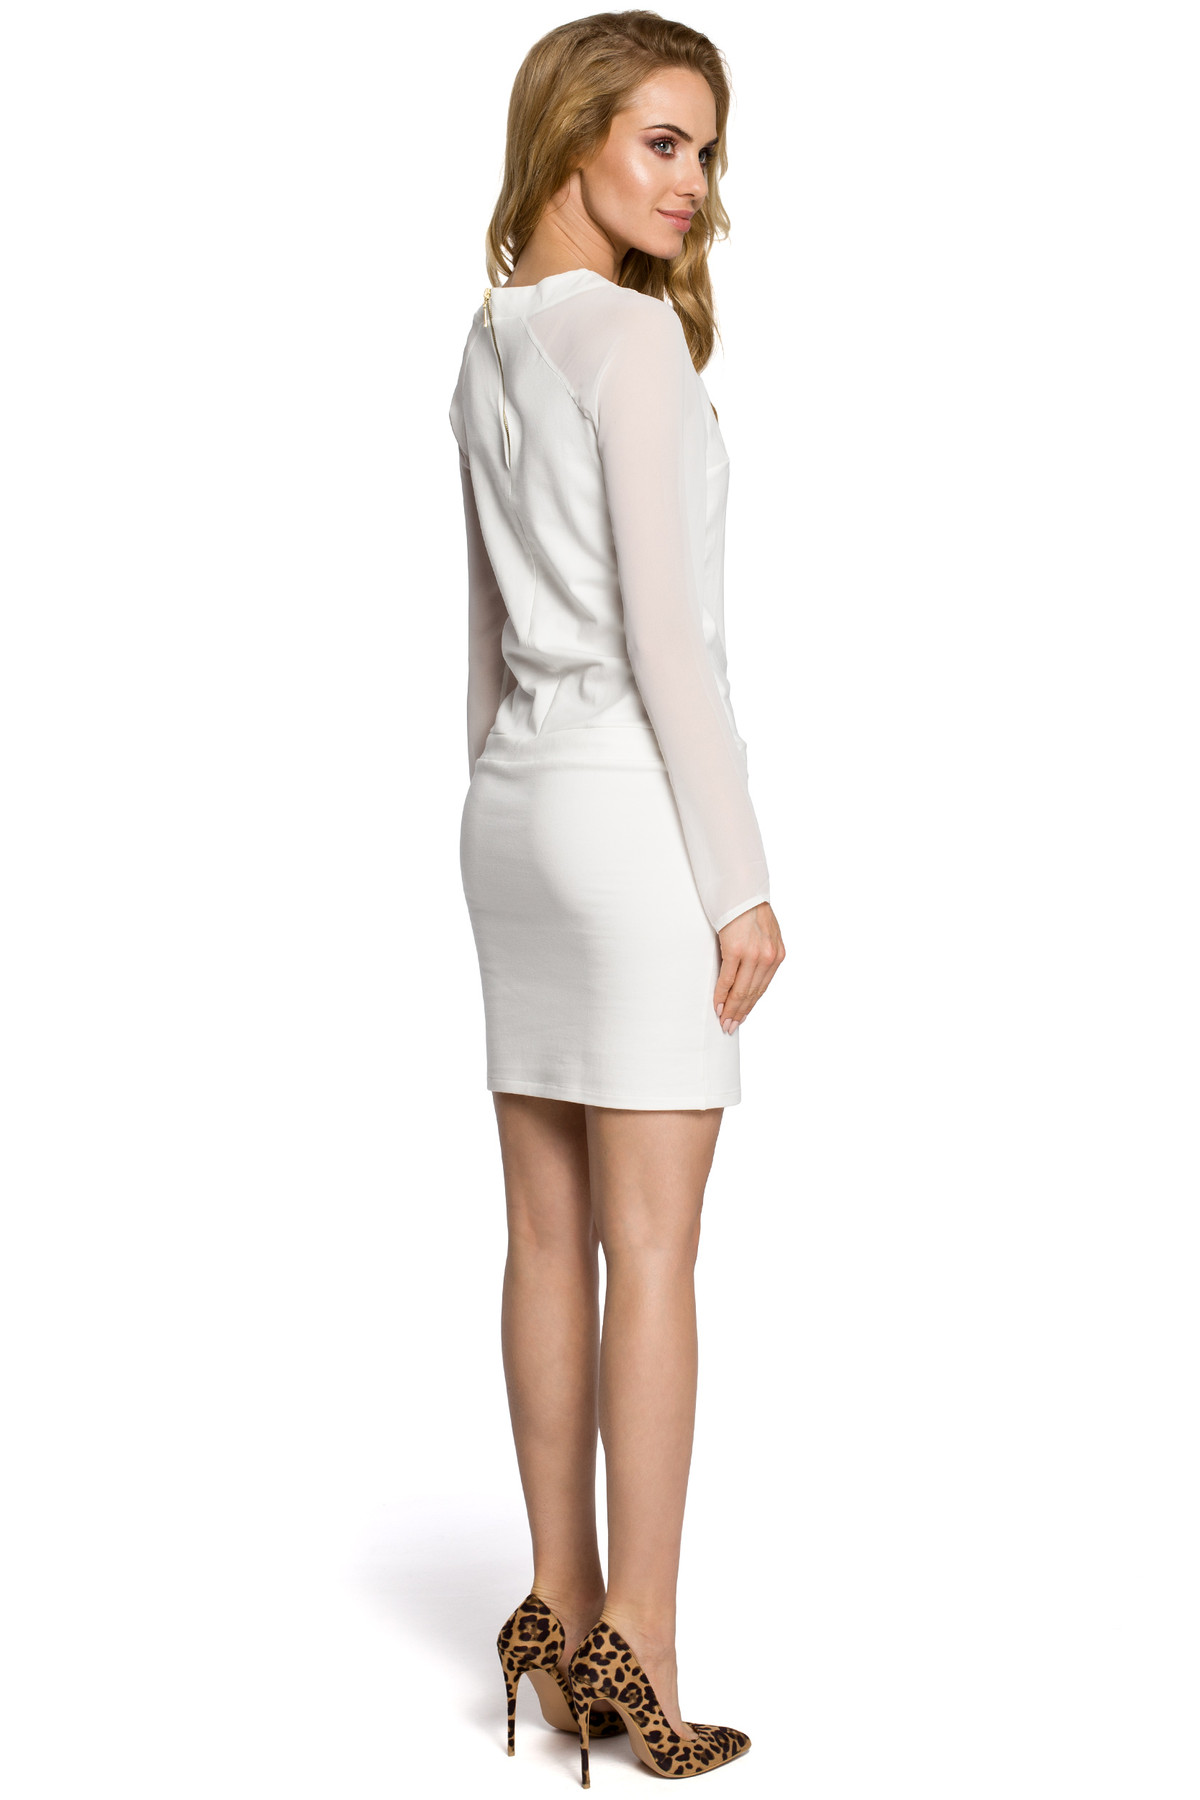 Clea Damen Kleid Cocktailkleid Minikleid Chiffon Chiffoneinsätze ...